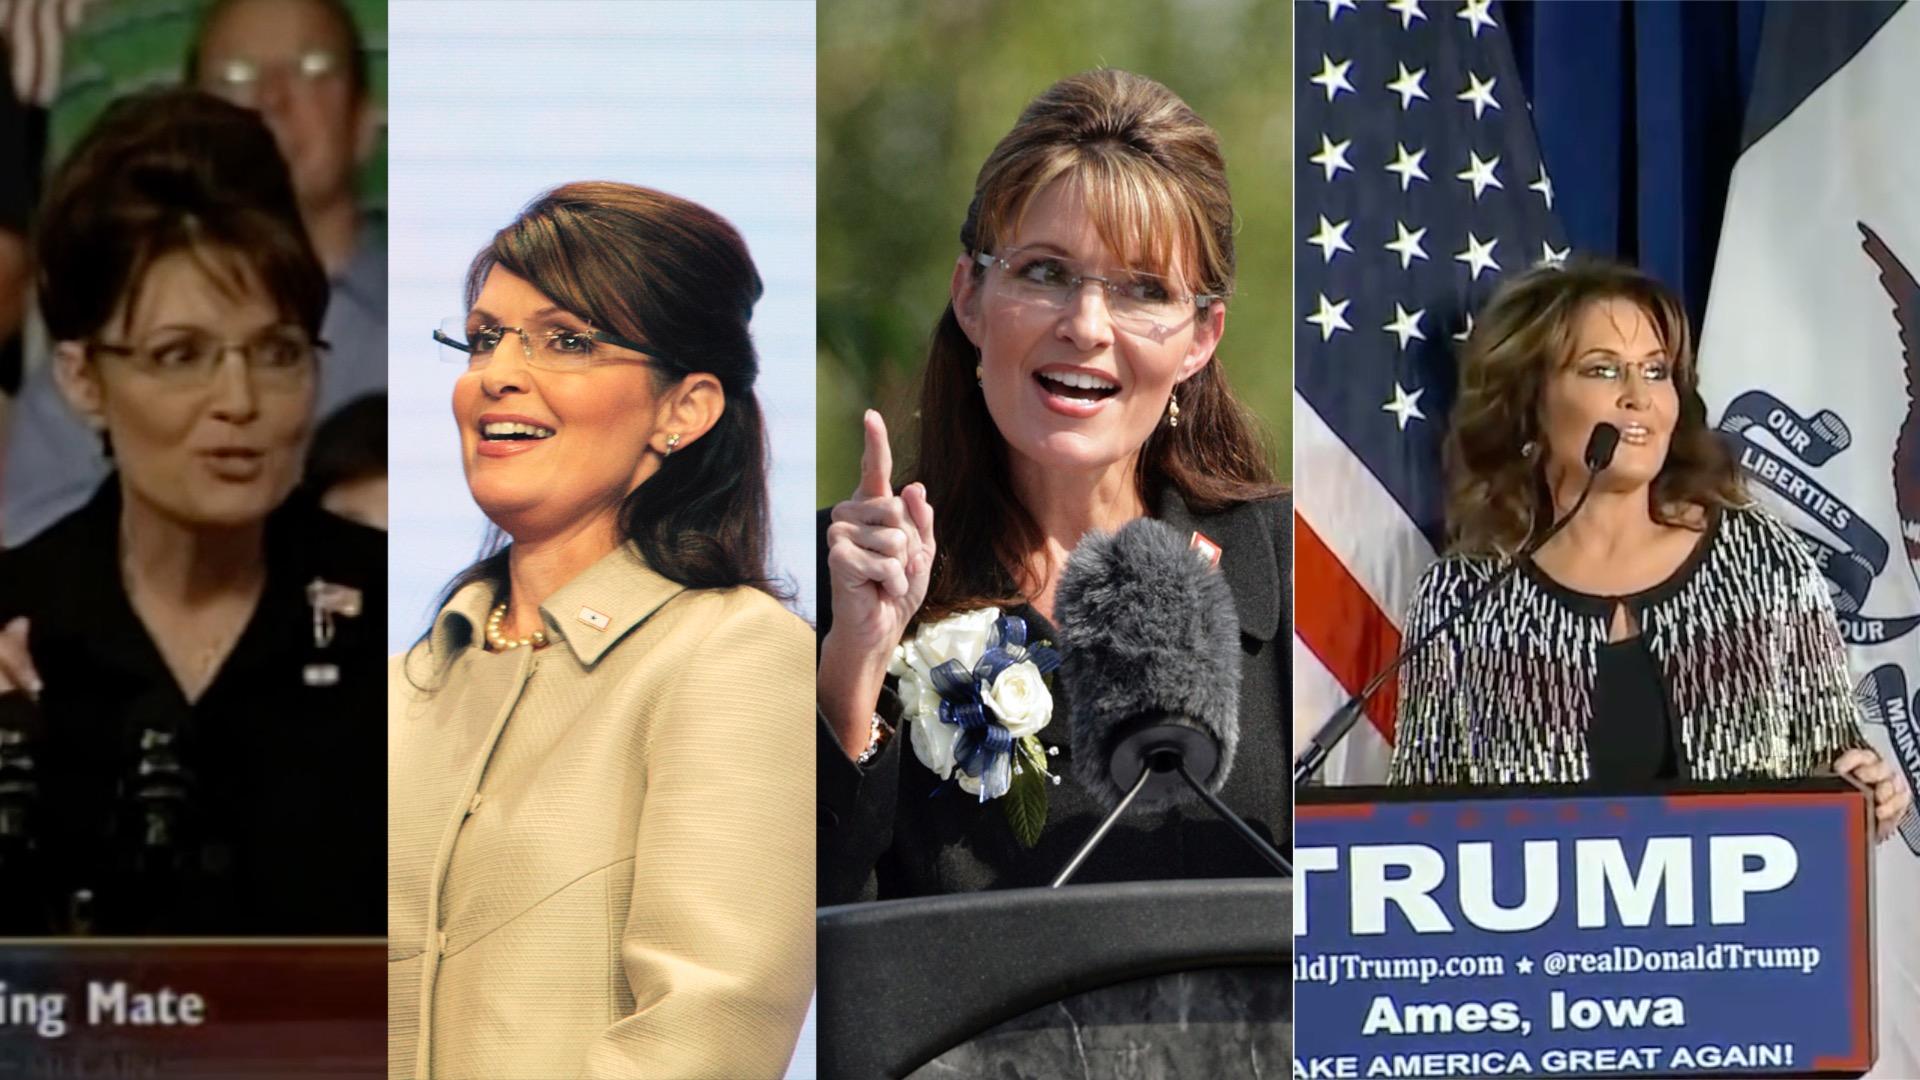 Sarah Palin, the political mother of Trump